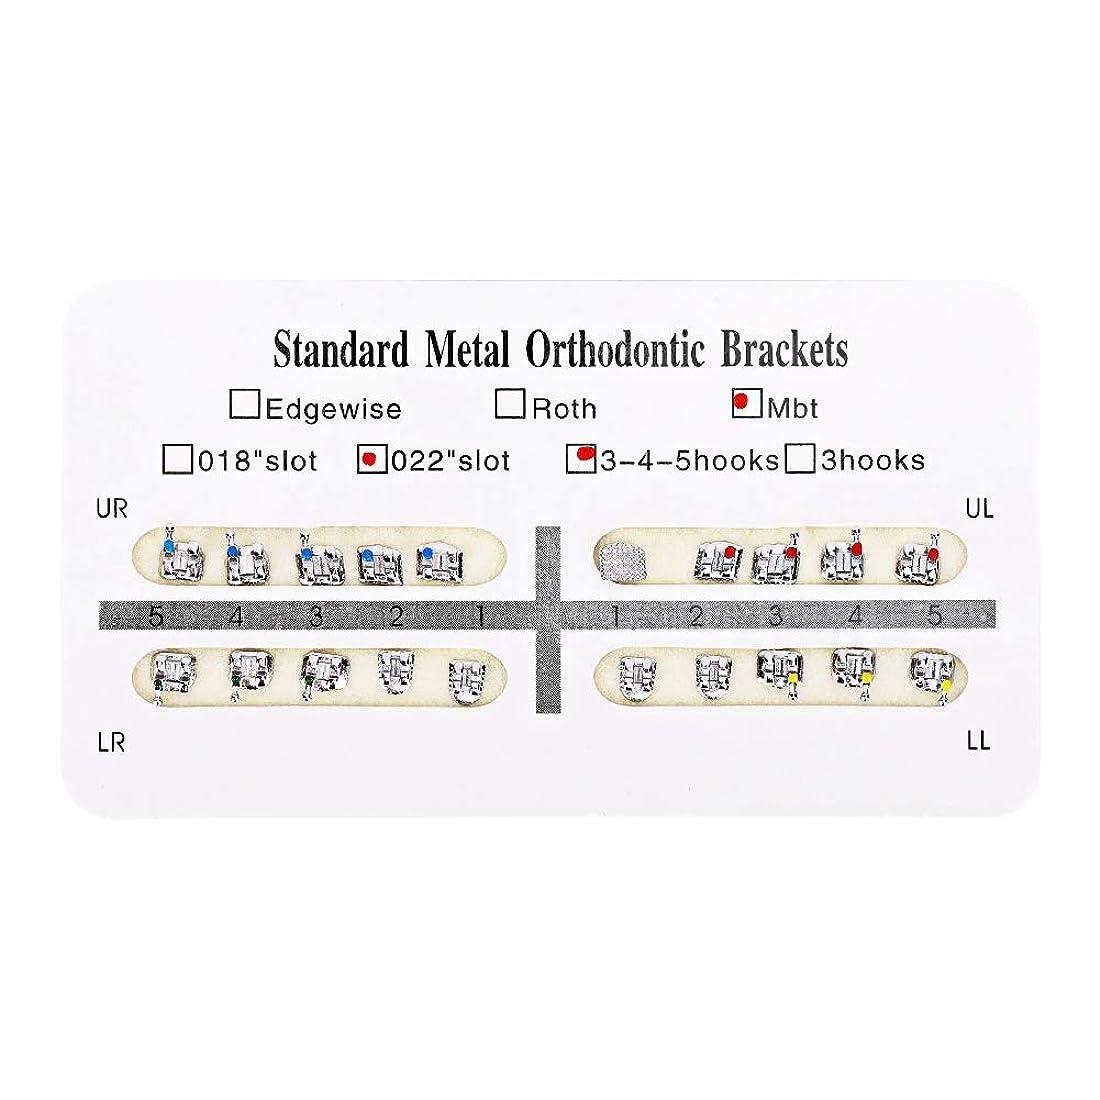 変更疑い者パワーNITRIP 10パック 歯科矯正ブラケット クリニーク歯科ツール (Mbt)